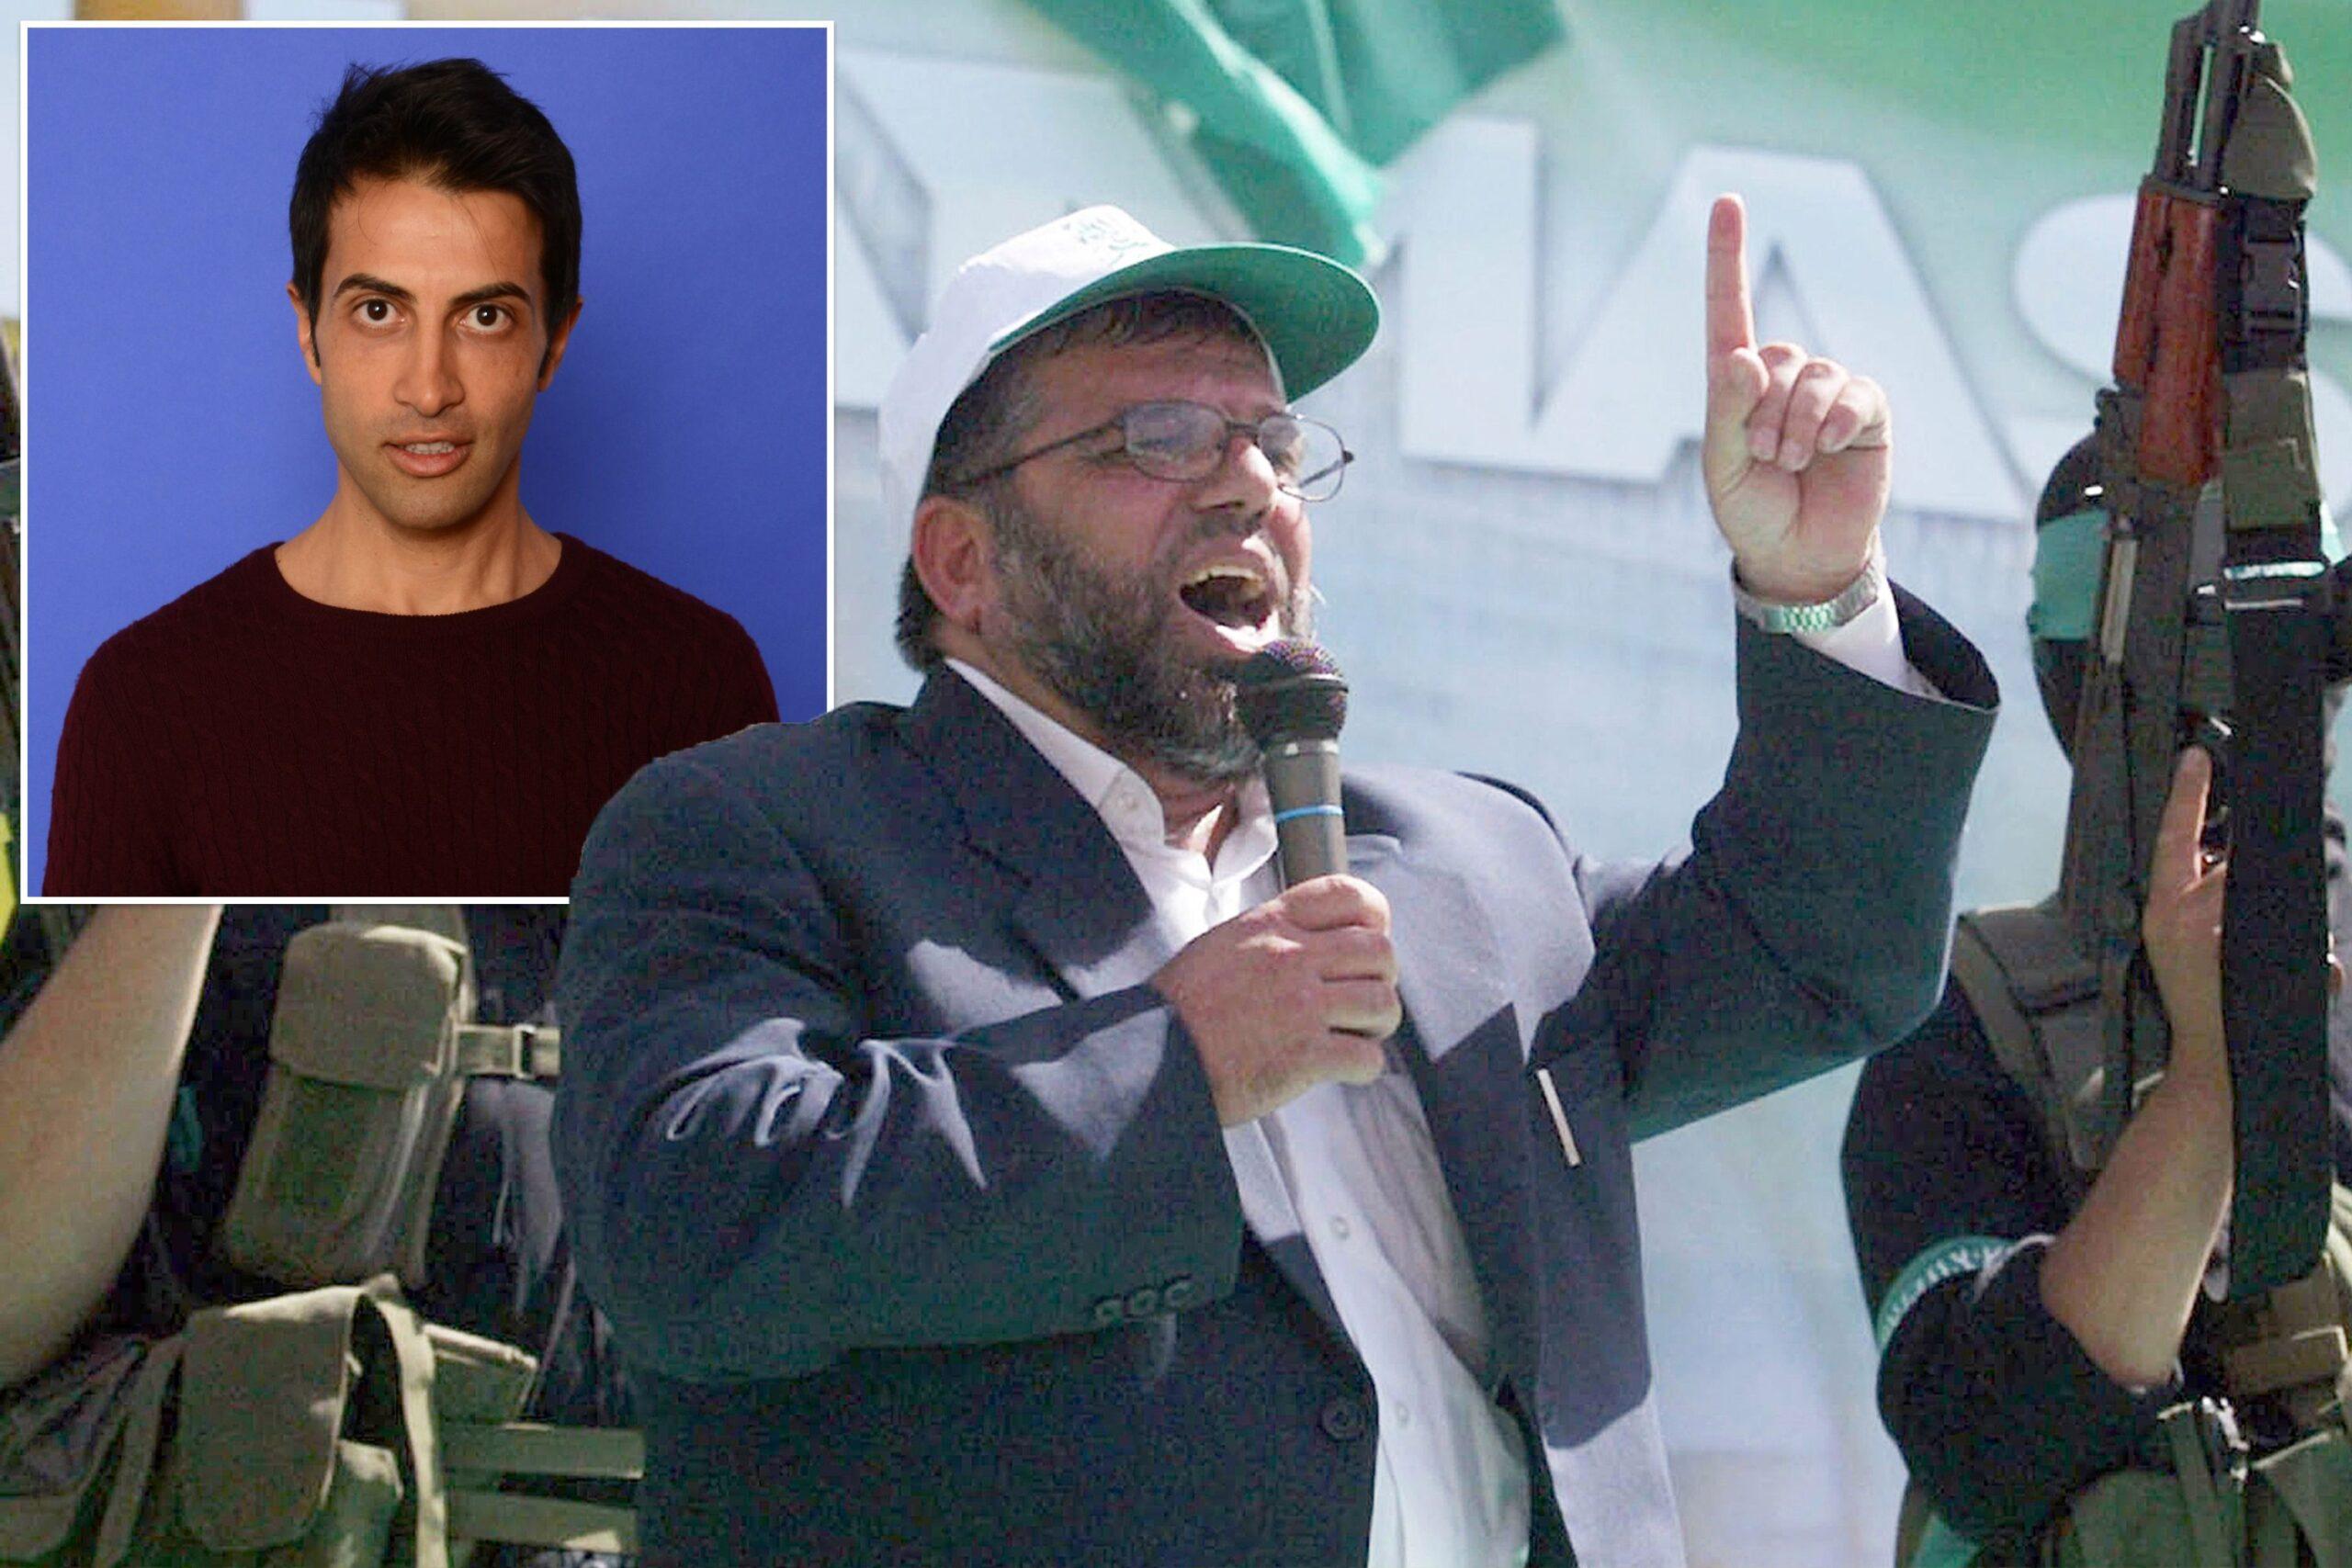 Hamas liderinin on yıl İsrail'e ajanlık yapan oğlundan öneriler: Hamas liderlerine suikast düzenlensin Mosab Yousef Hasan, İsrail, ABD; New York Post,